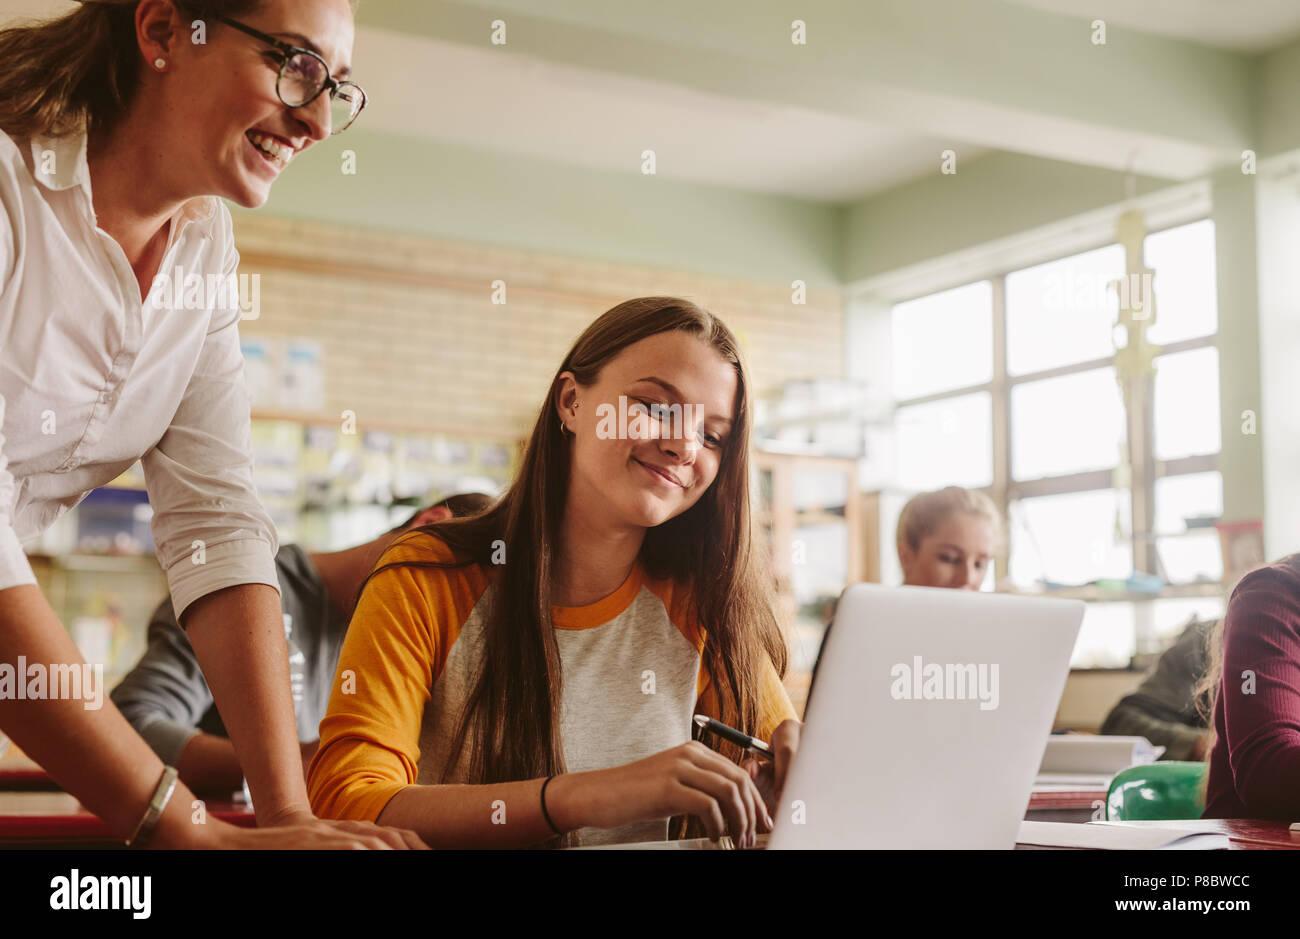 Jeune femme étudie sur ordinateur portable avec teacher standing par en classe. Professeur de lycée aider les élèves en classe. Photo Stock